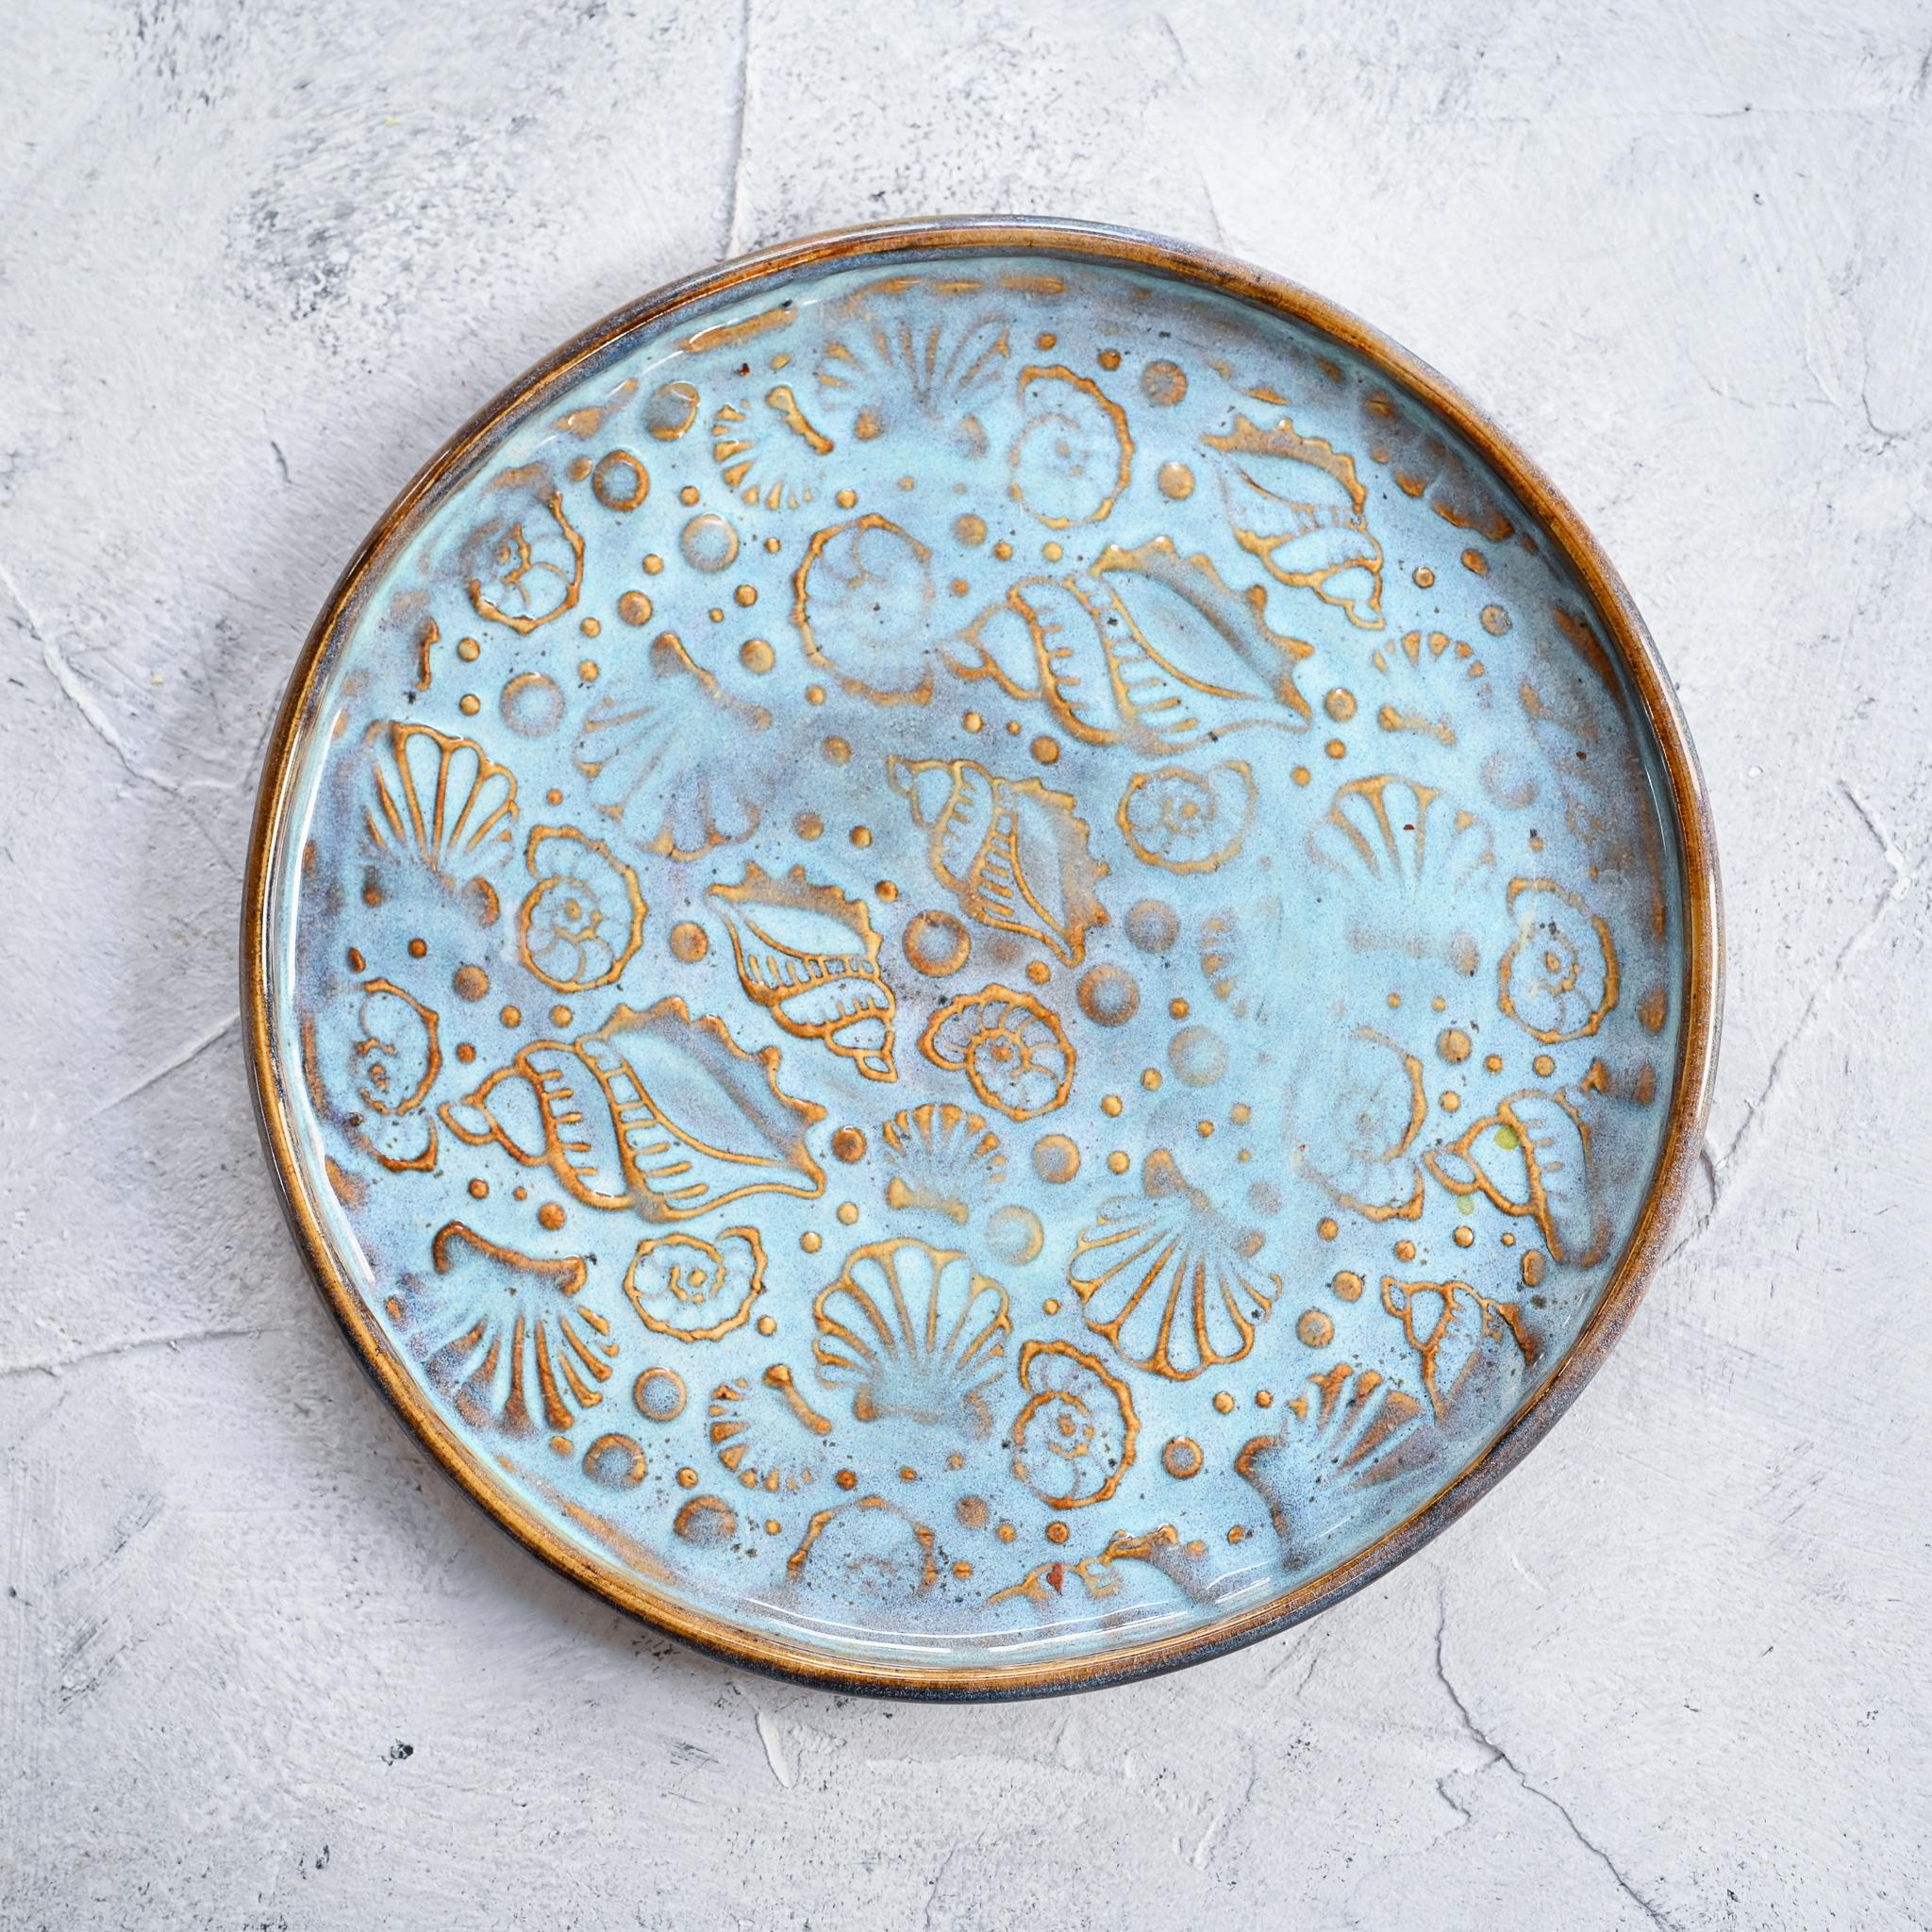 """картинка Керамическая тарелка """"Морское дно"""" 1 - DishWishes.Ru"""